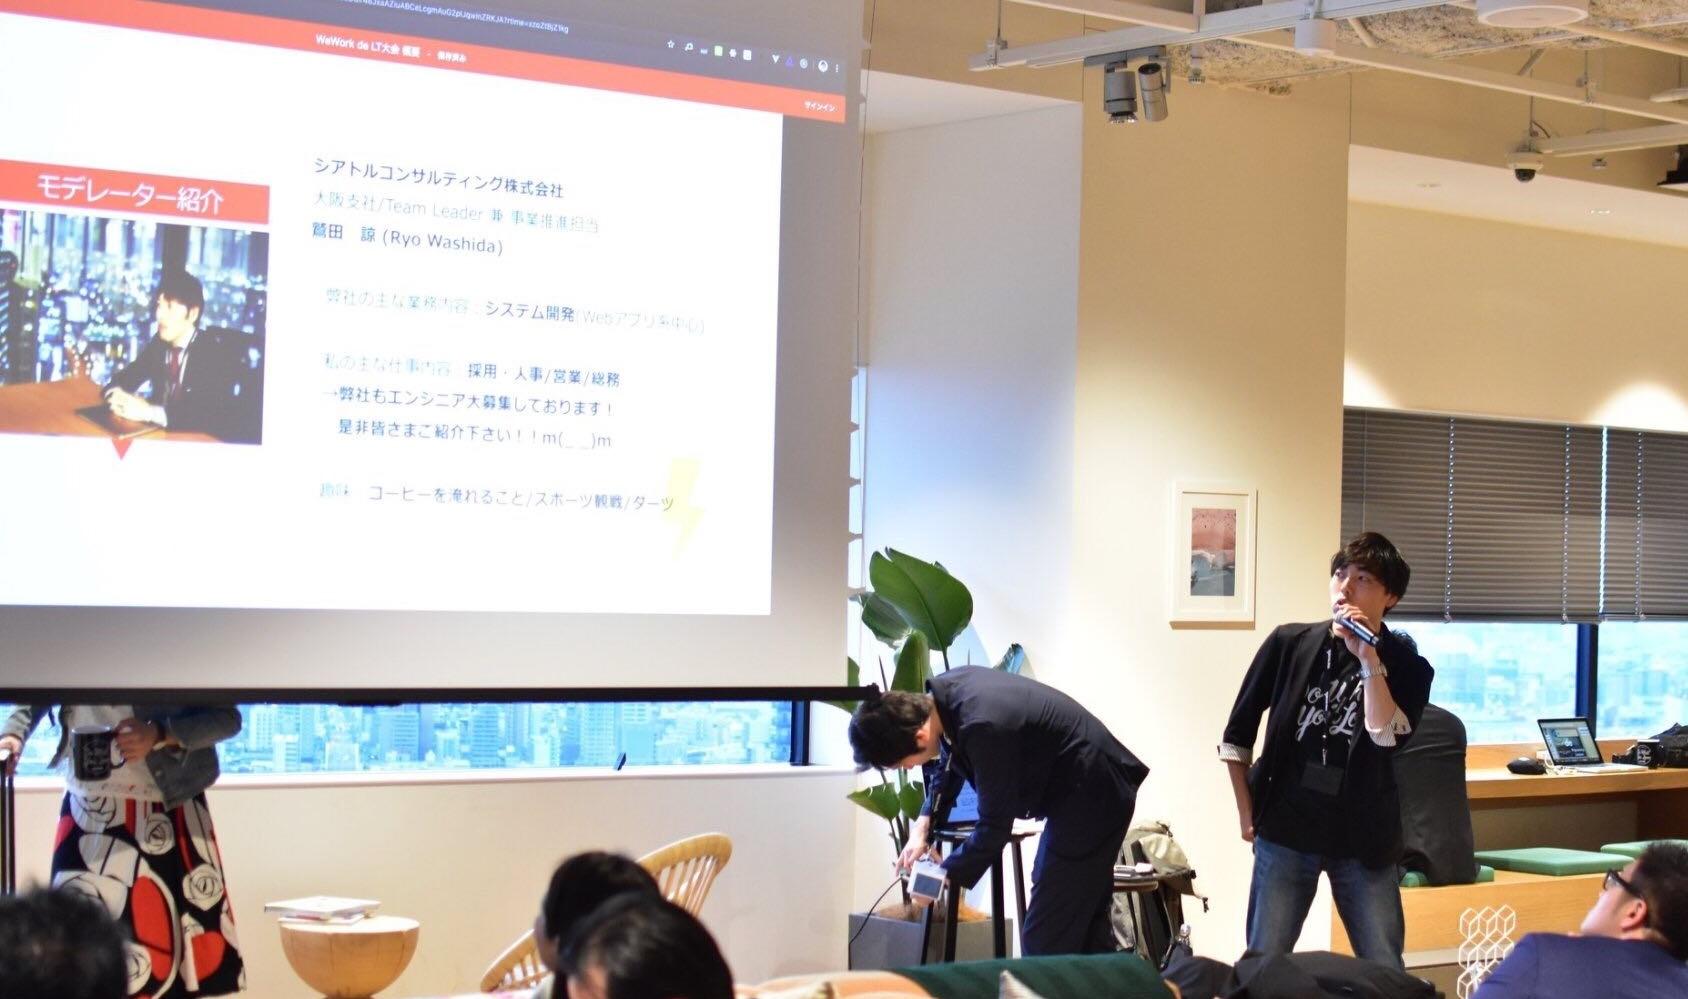 新卒1年目で大阪支社のリーダー⁉ 濃すぎるキャリアをインターン生が聞いてみた。<大阪vol.1>